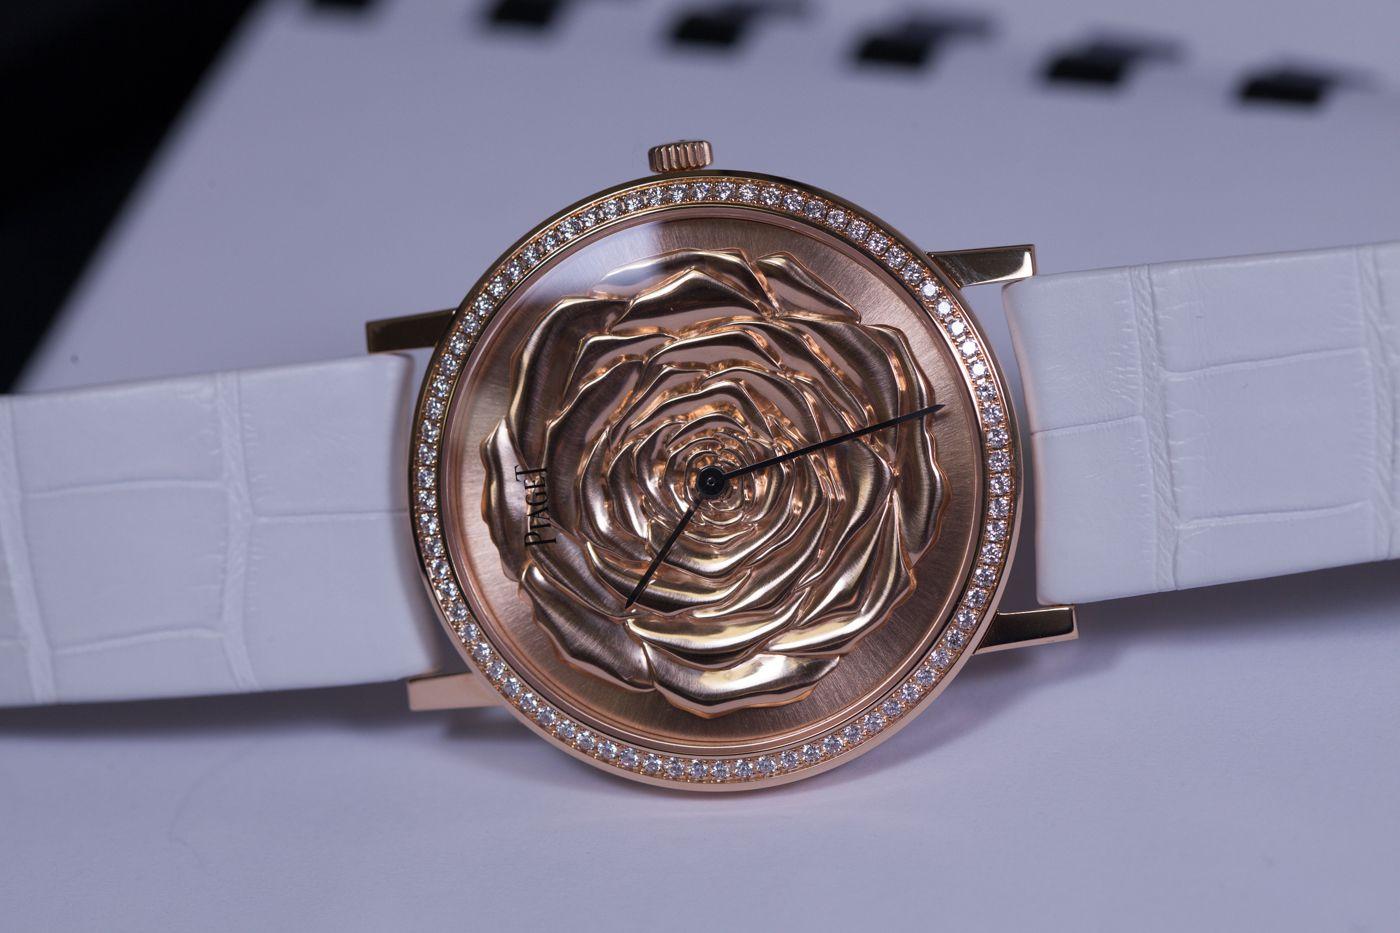 爱如玫瑰,情比金坚!——伯爵Altiplano系列G0A41190金玫瑰女表!